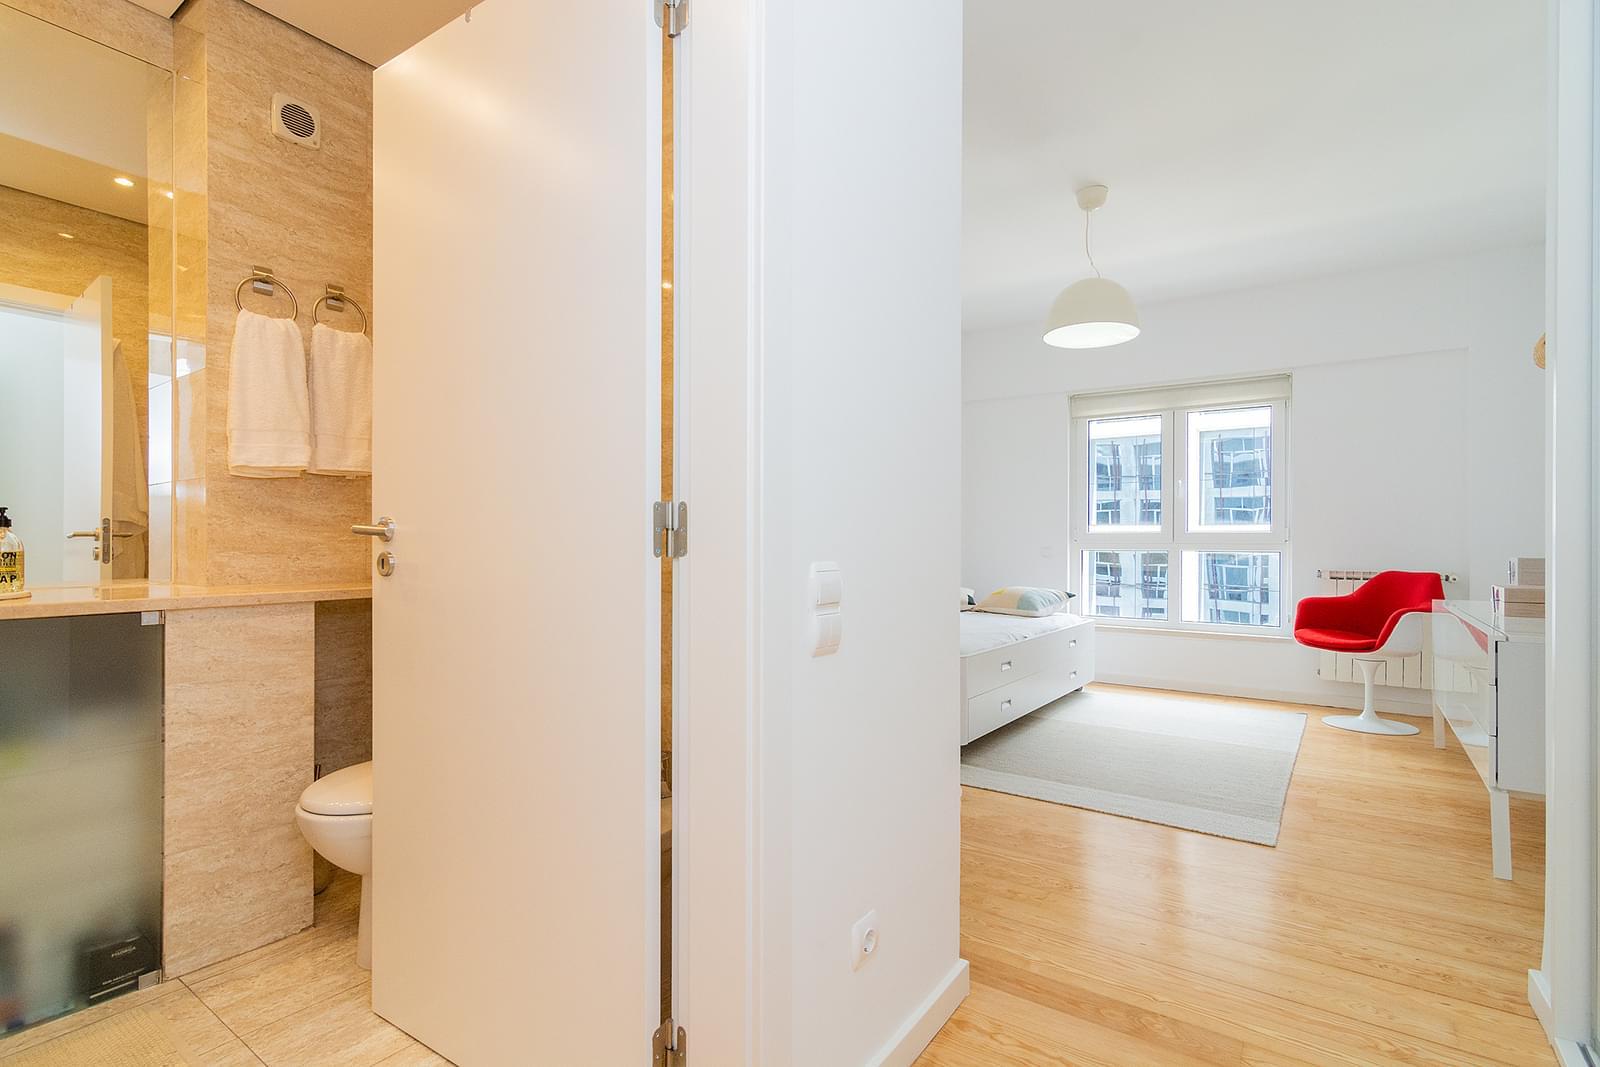 pf14147-apartamento-t3-lisboa-a4eea719-0ff1-4afd-8154-77d6989d1be0